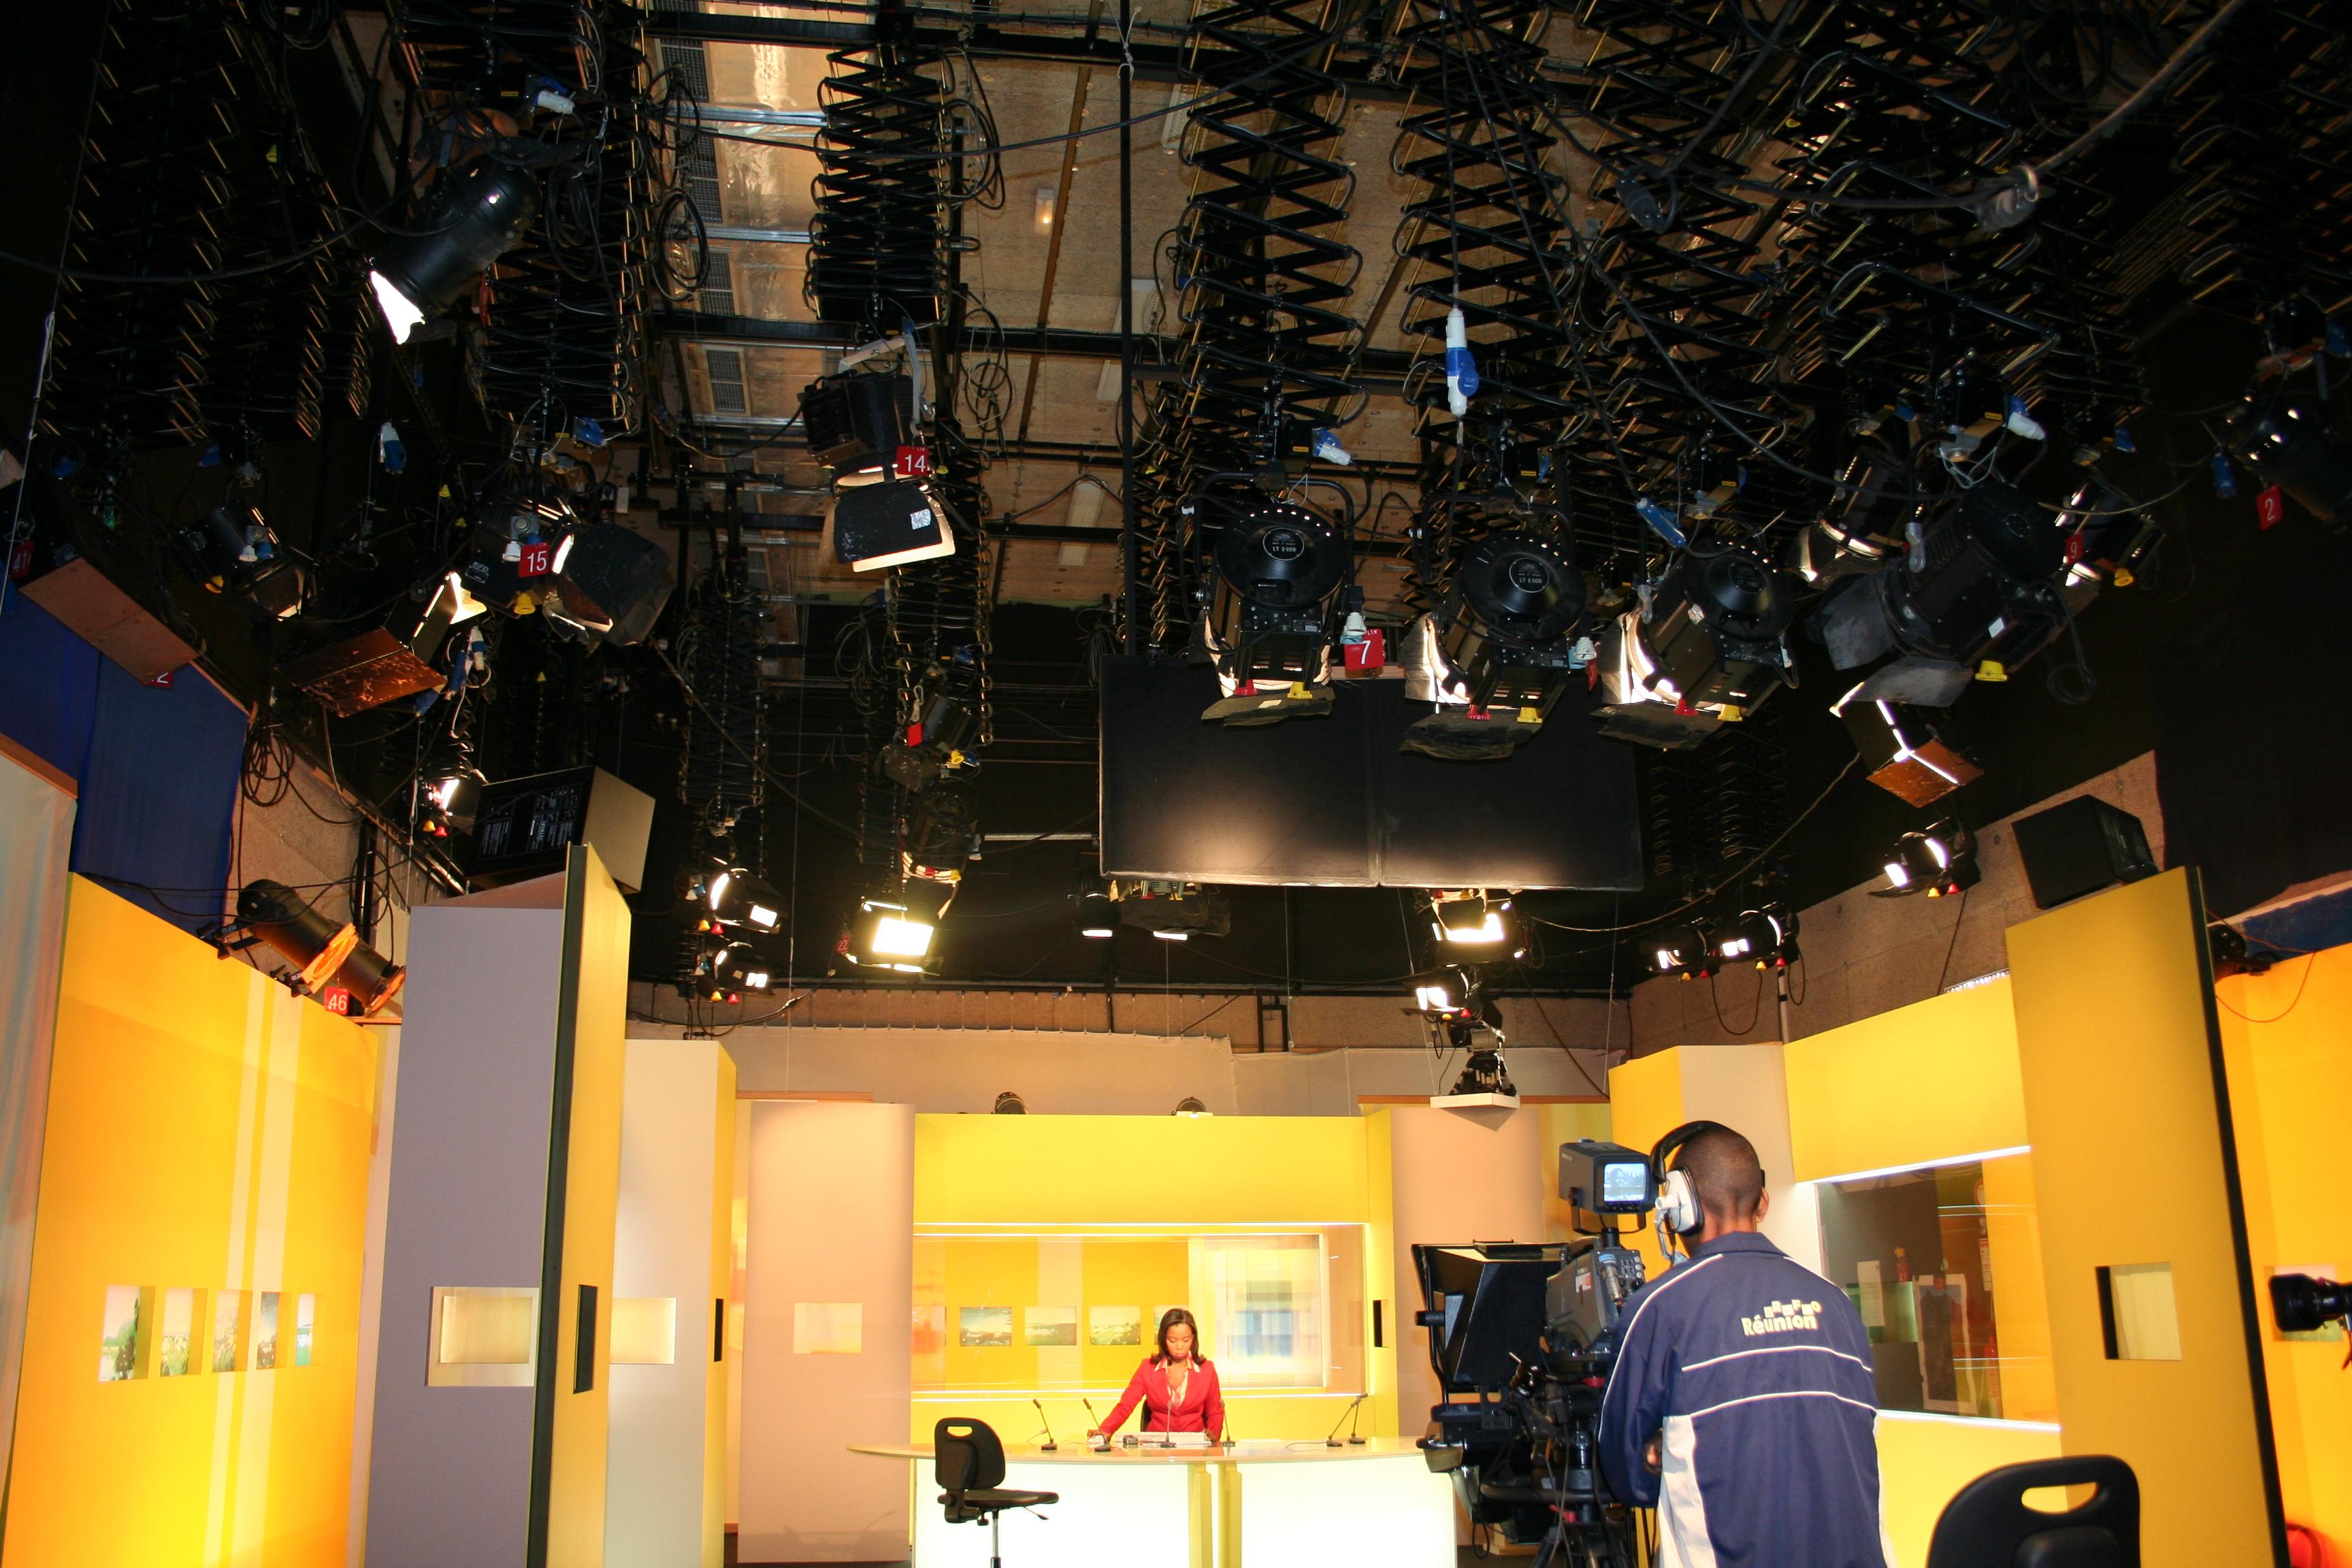 Eclairage Plafond A La Francaise projecteur (spectacle) — wikipédia